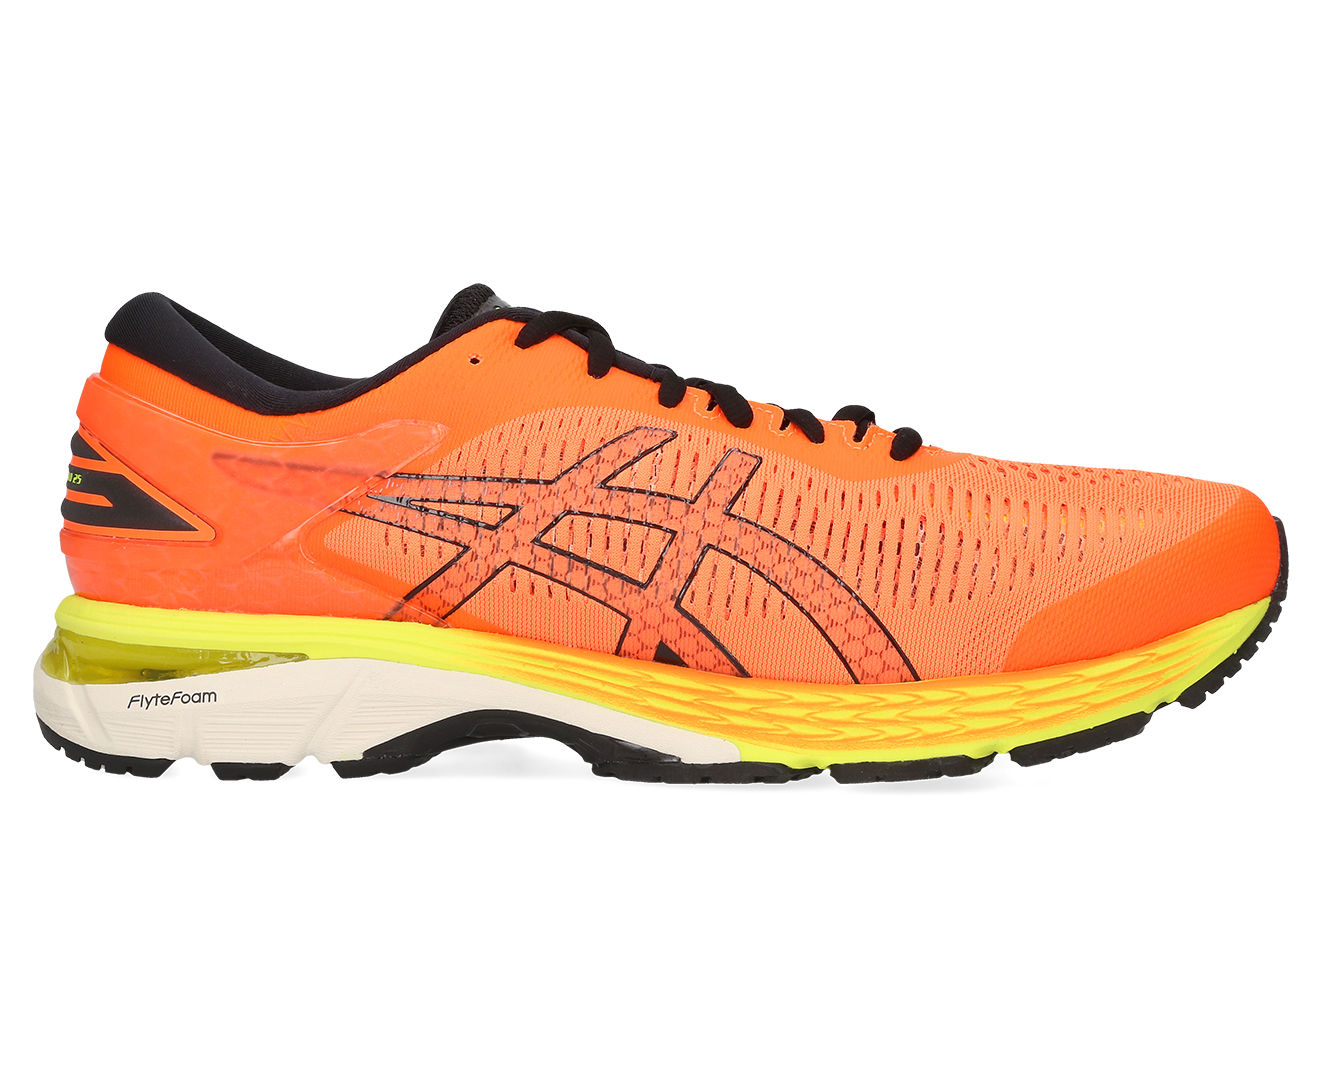 ASICS Men's Gel Kayano 25 Running Shoe (Shocking OrangeBlack, Size 12)